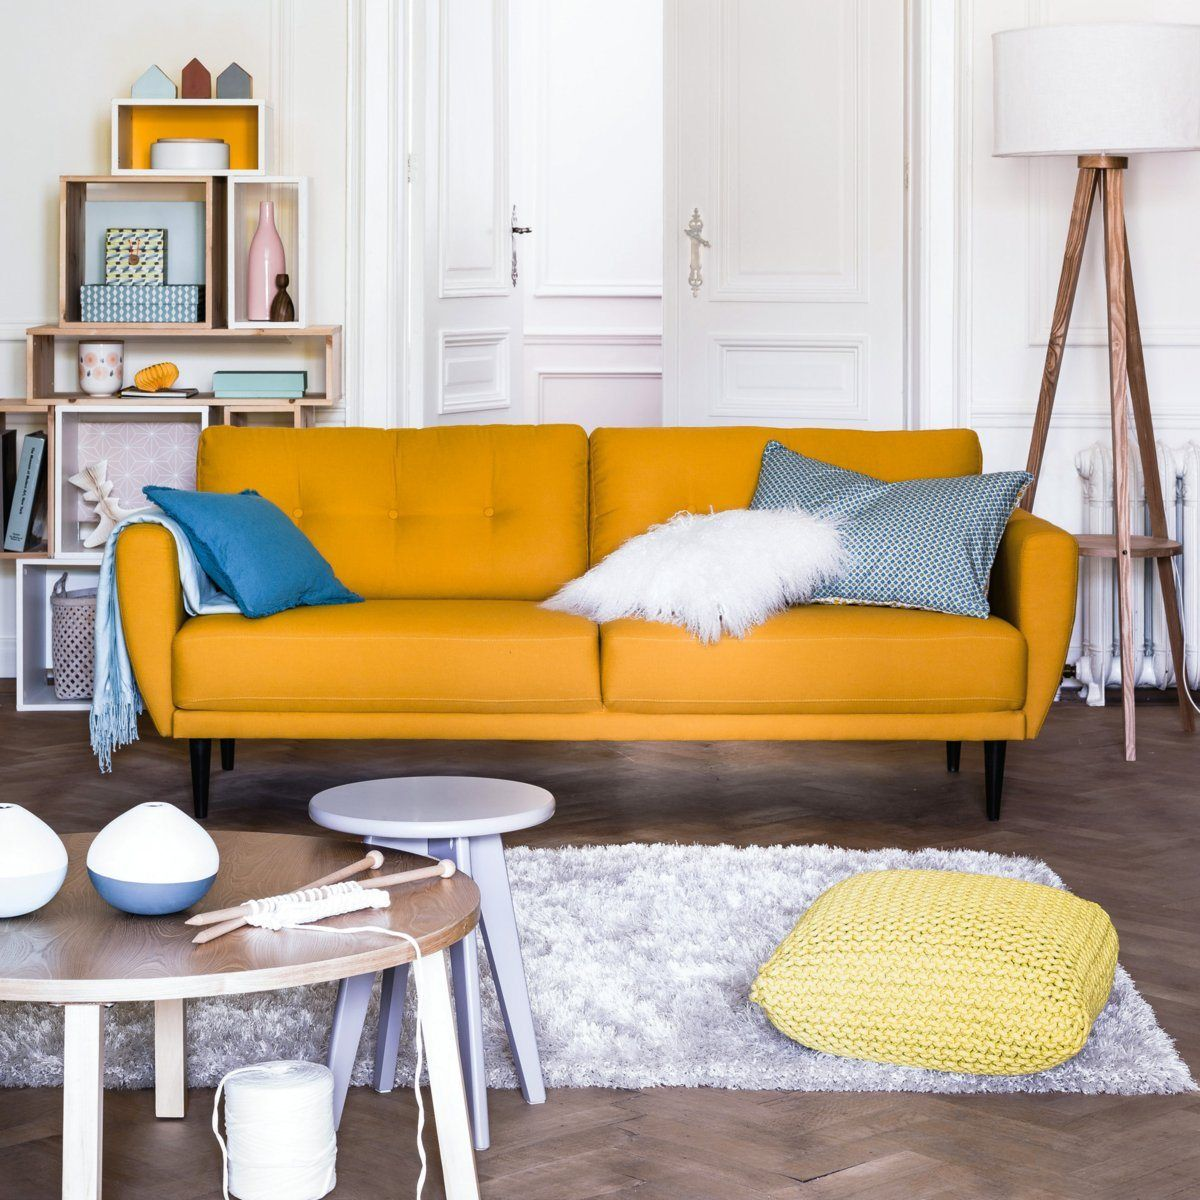 Decoración de salones - sofá naranja